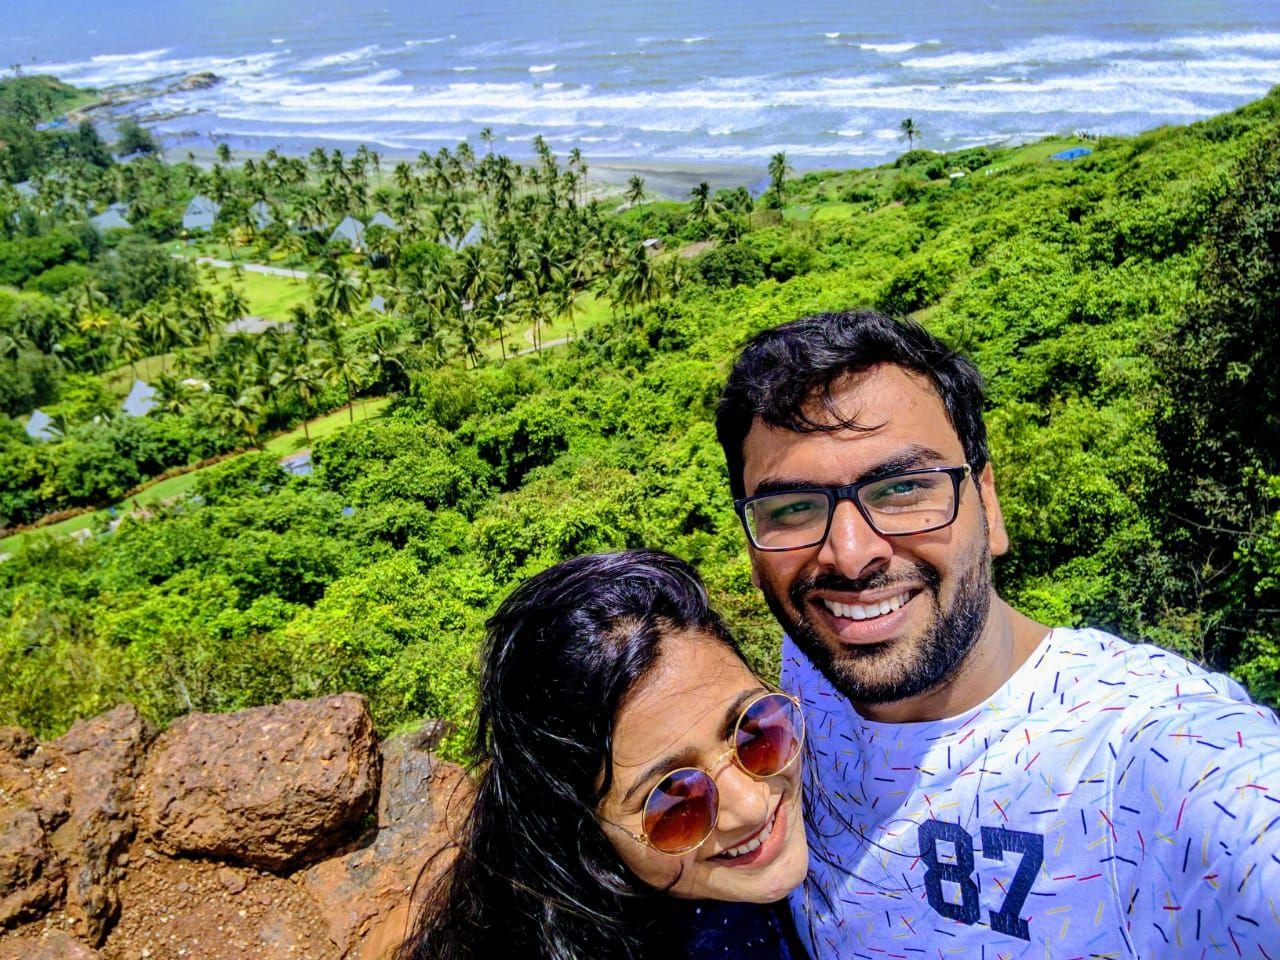 Photo of Goa By kushboo jain